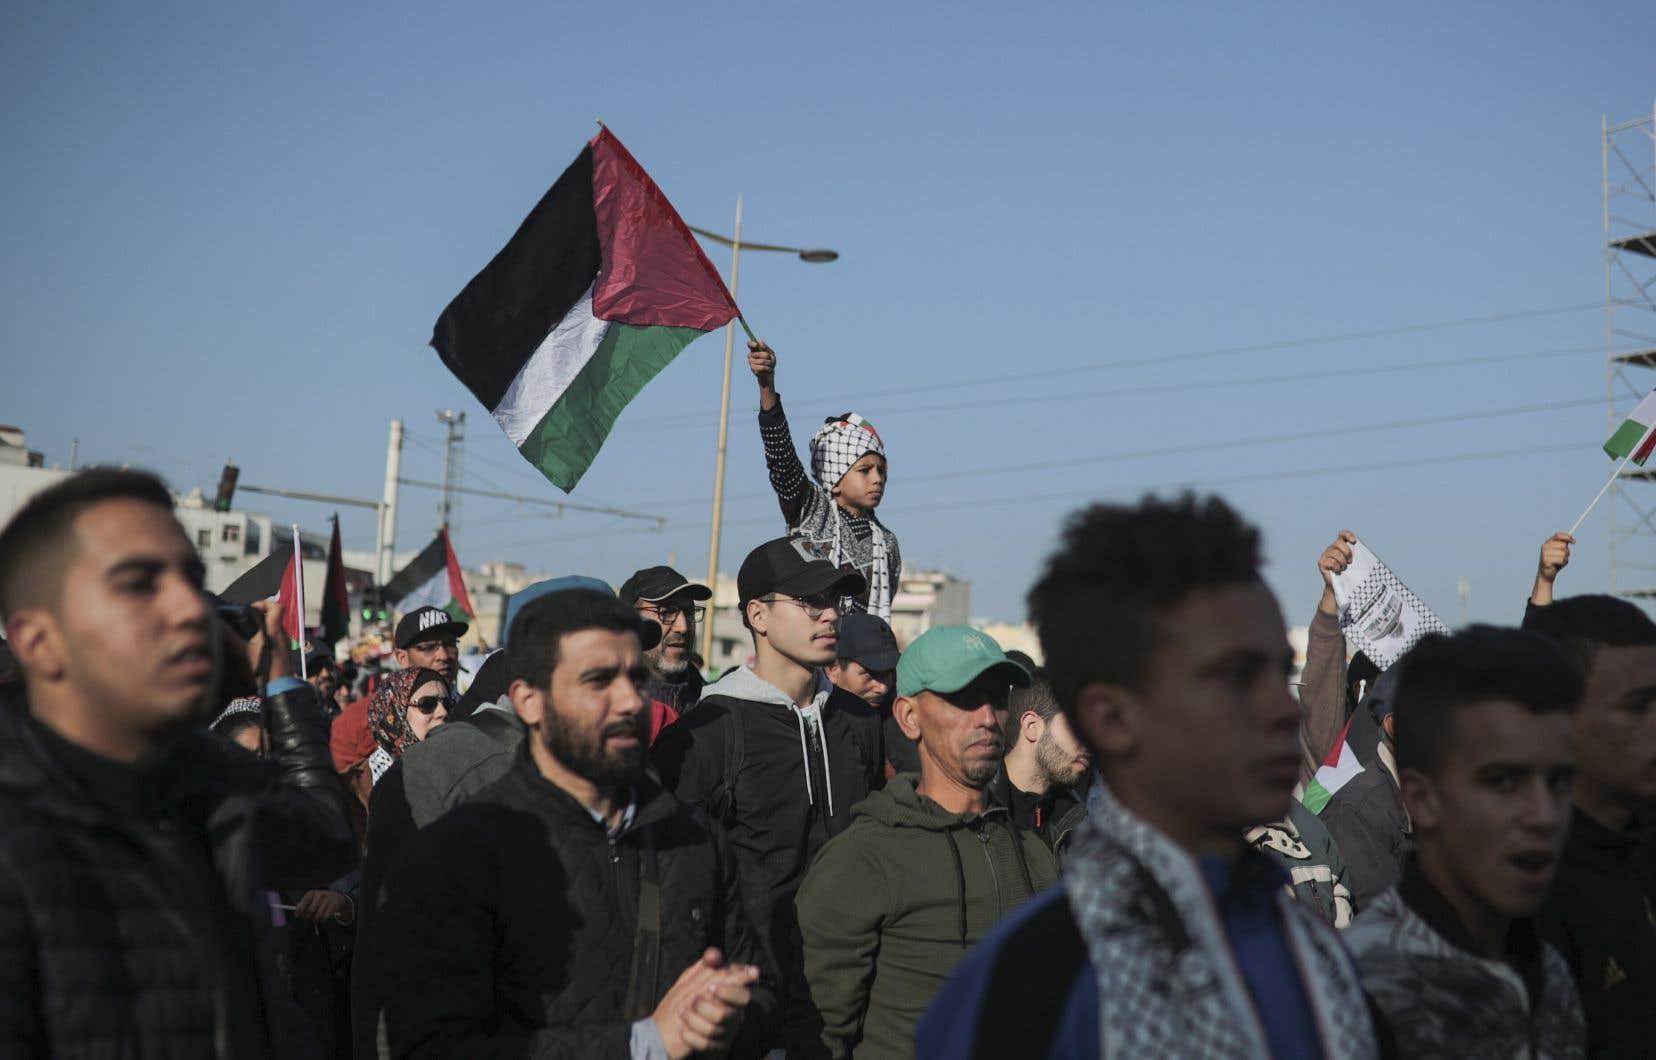 Brandissant des drapeaux palestiniens, les manifestants ont défilé dans le centre de la capitale aux cris de «Vive la Palestine».